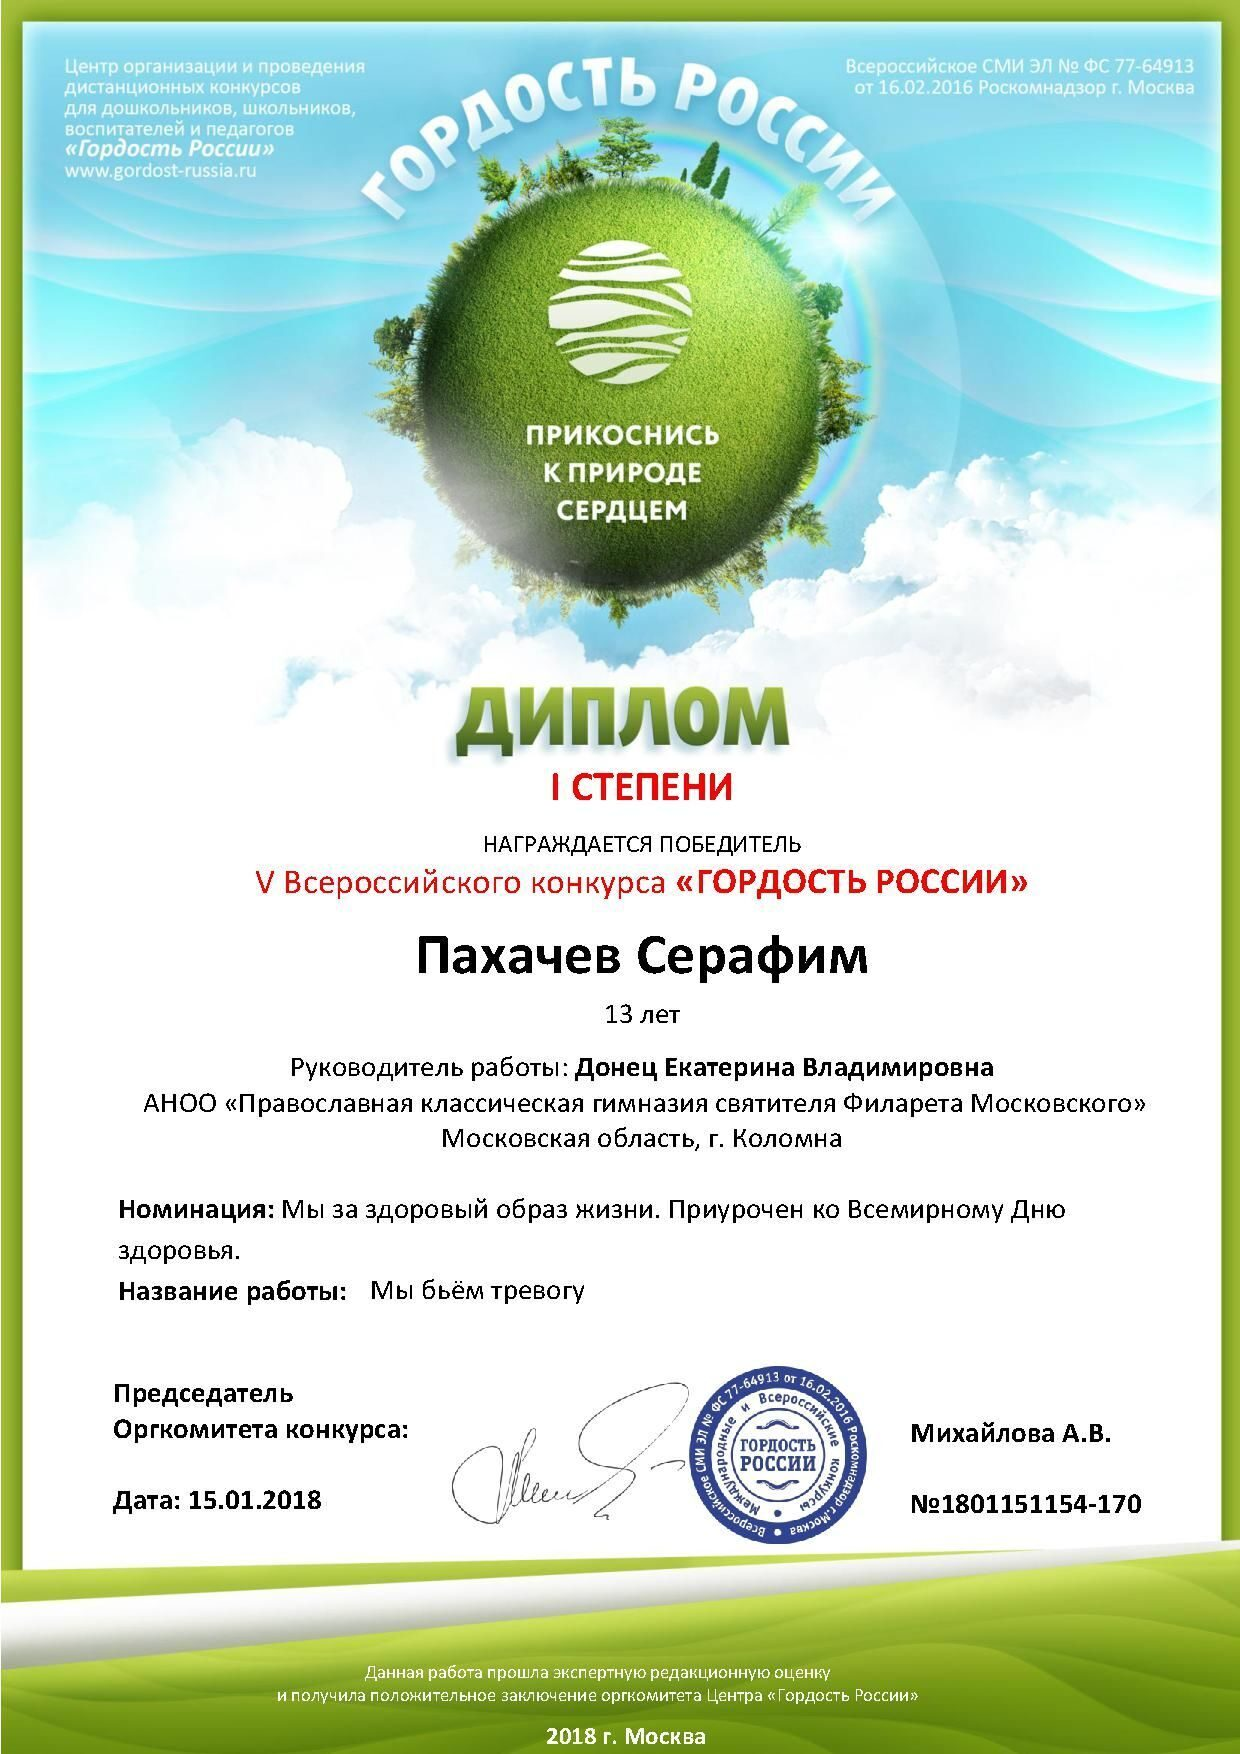 Международные конкурсы в россии